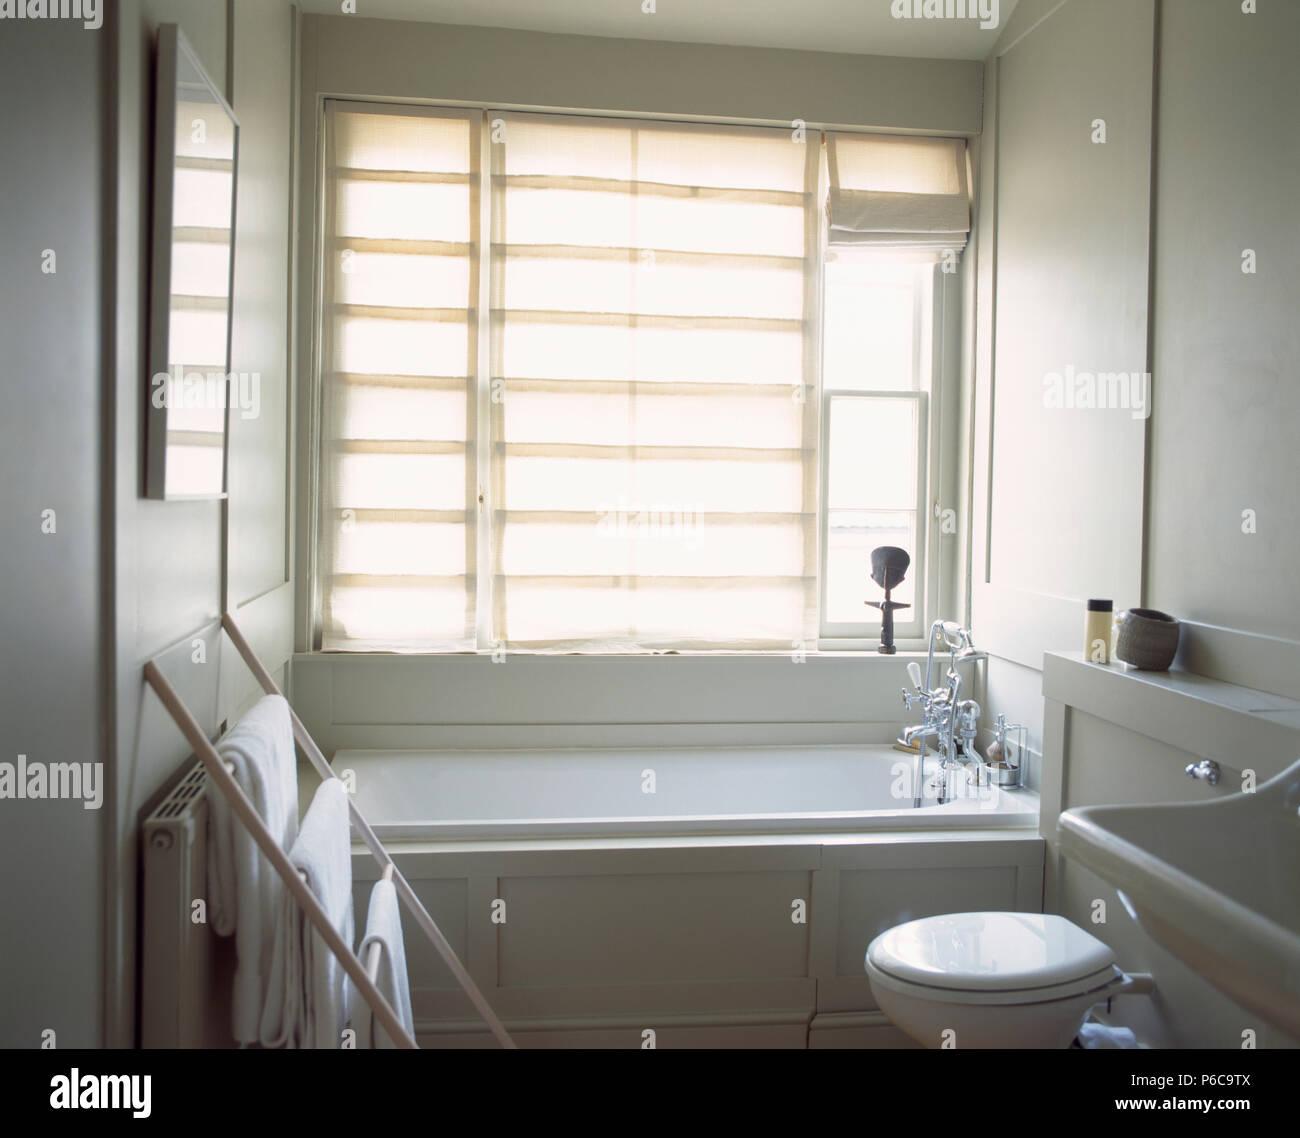 Weiße Bettwäsche Römischen blind auf das obige Fenster Bad in ...